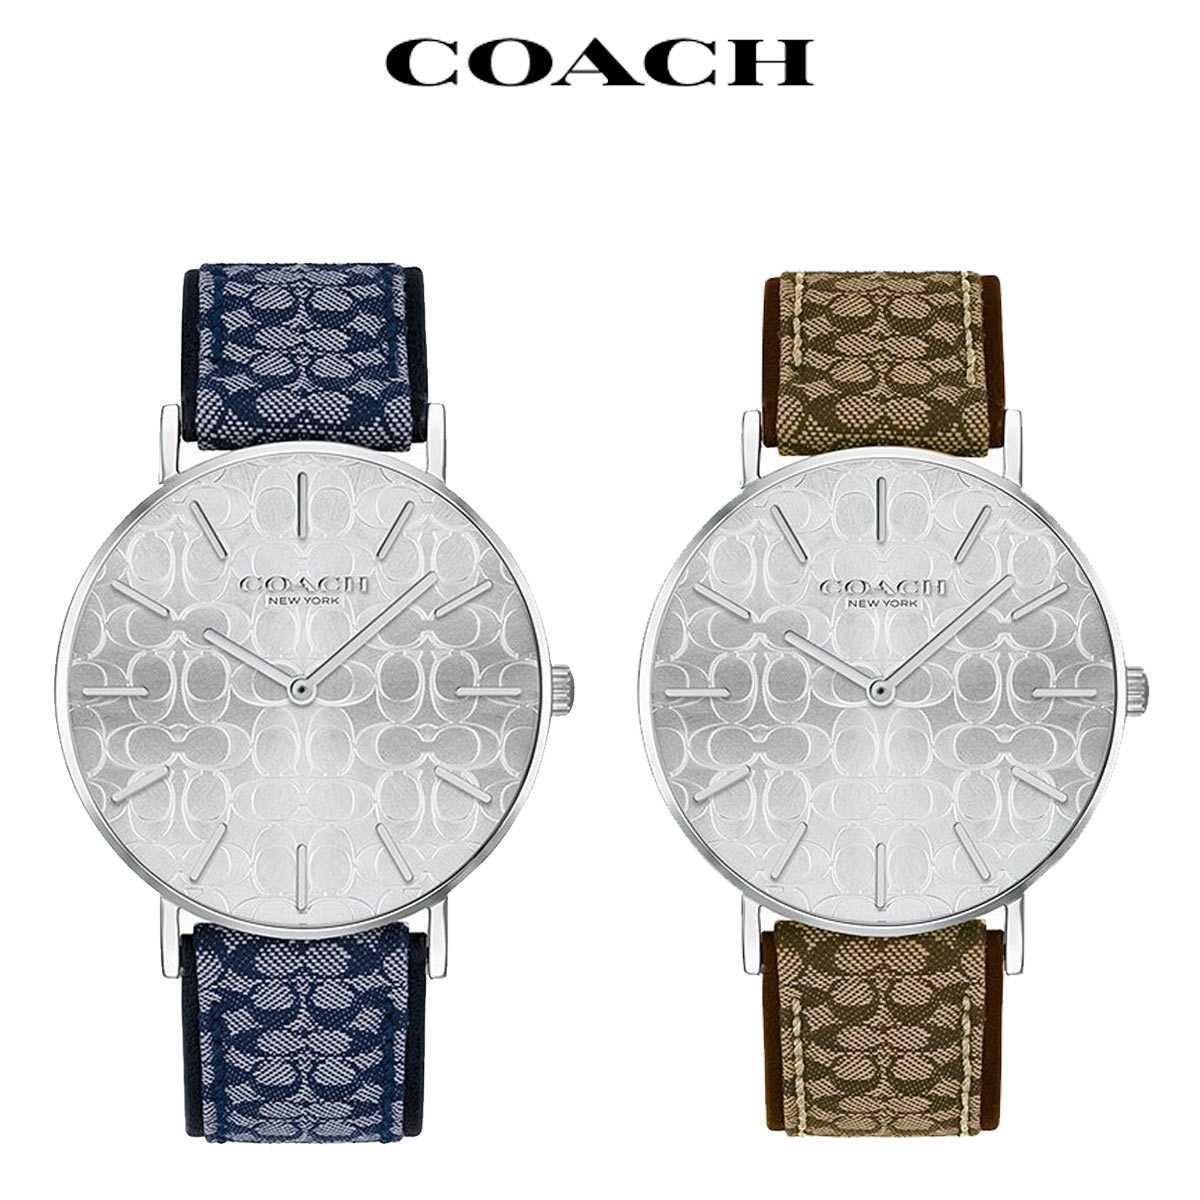 Perry 腕時計 ブランド おしゃれ かわいい レディース コーチ 後払い COACH 時計 女性 ペリー